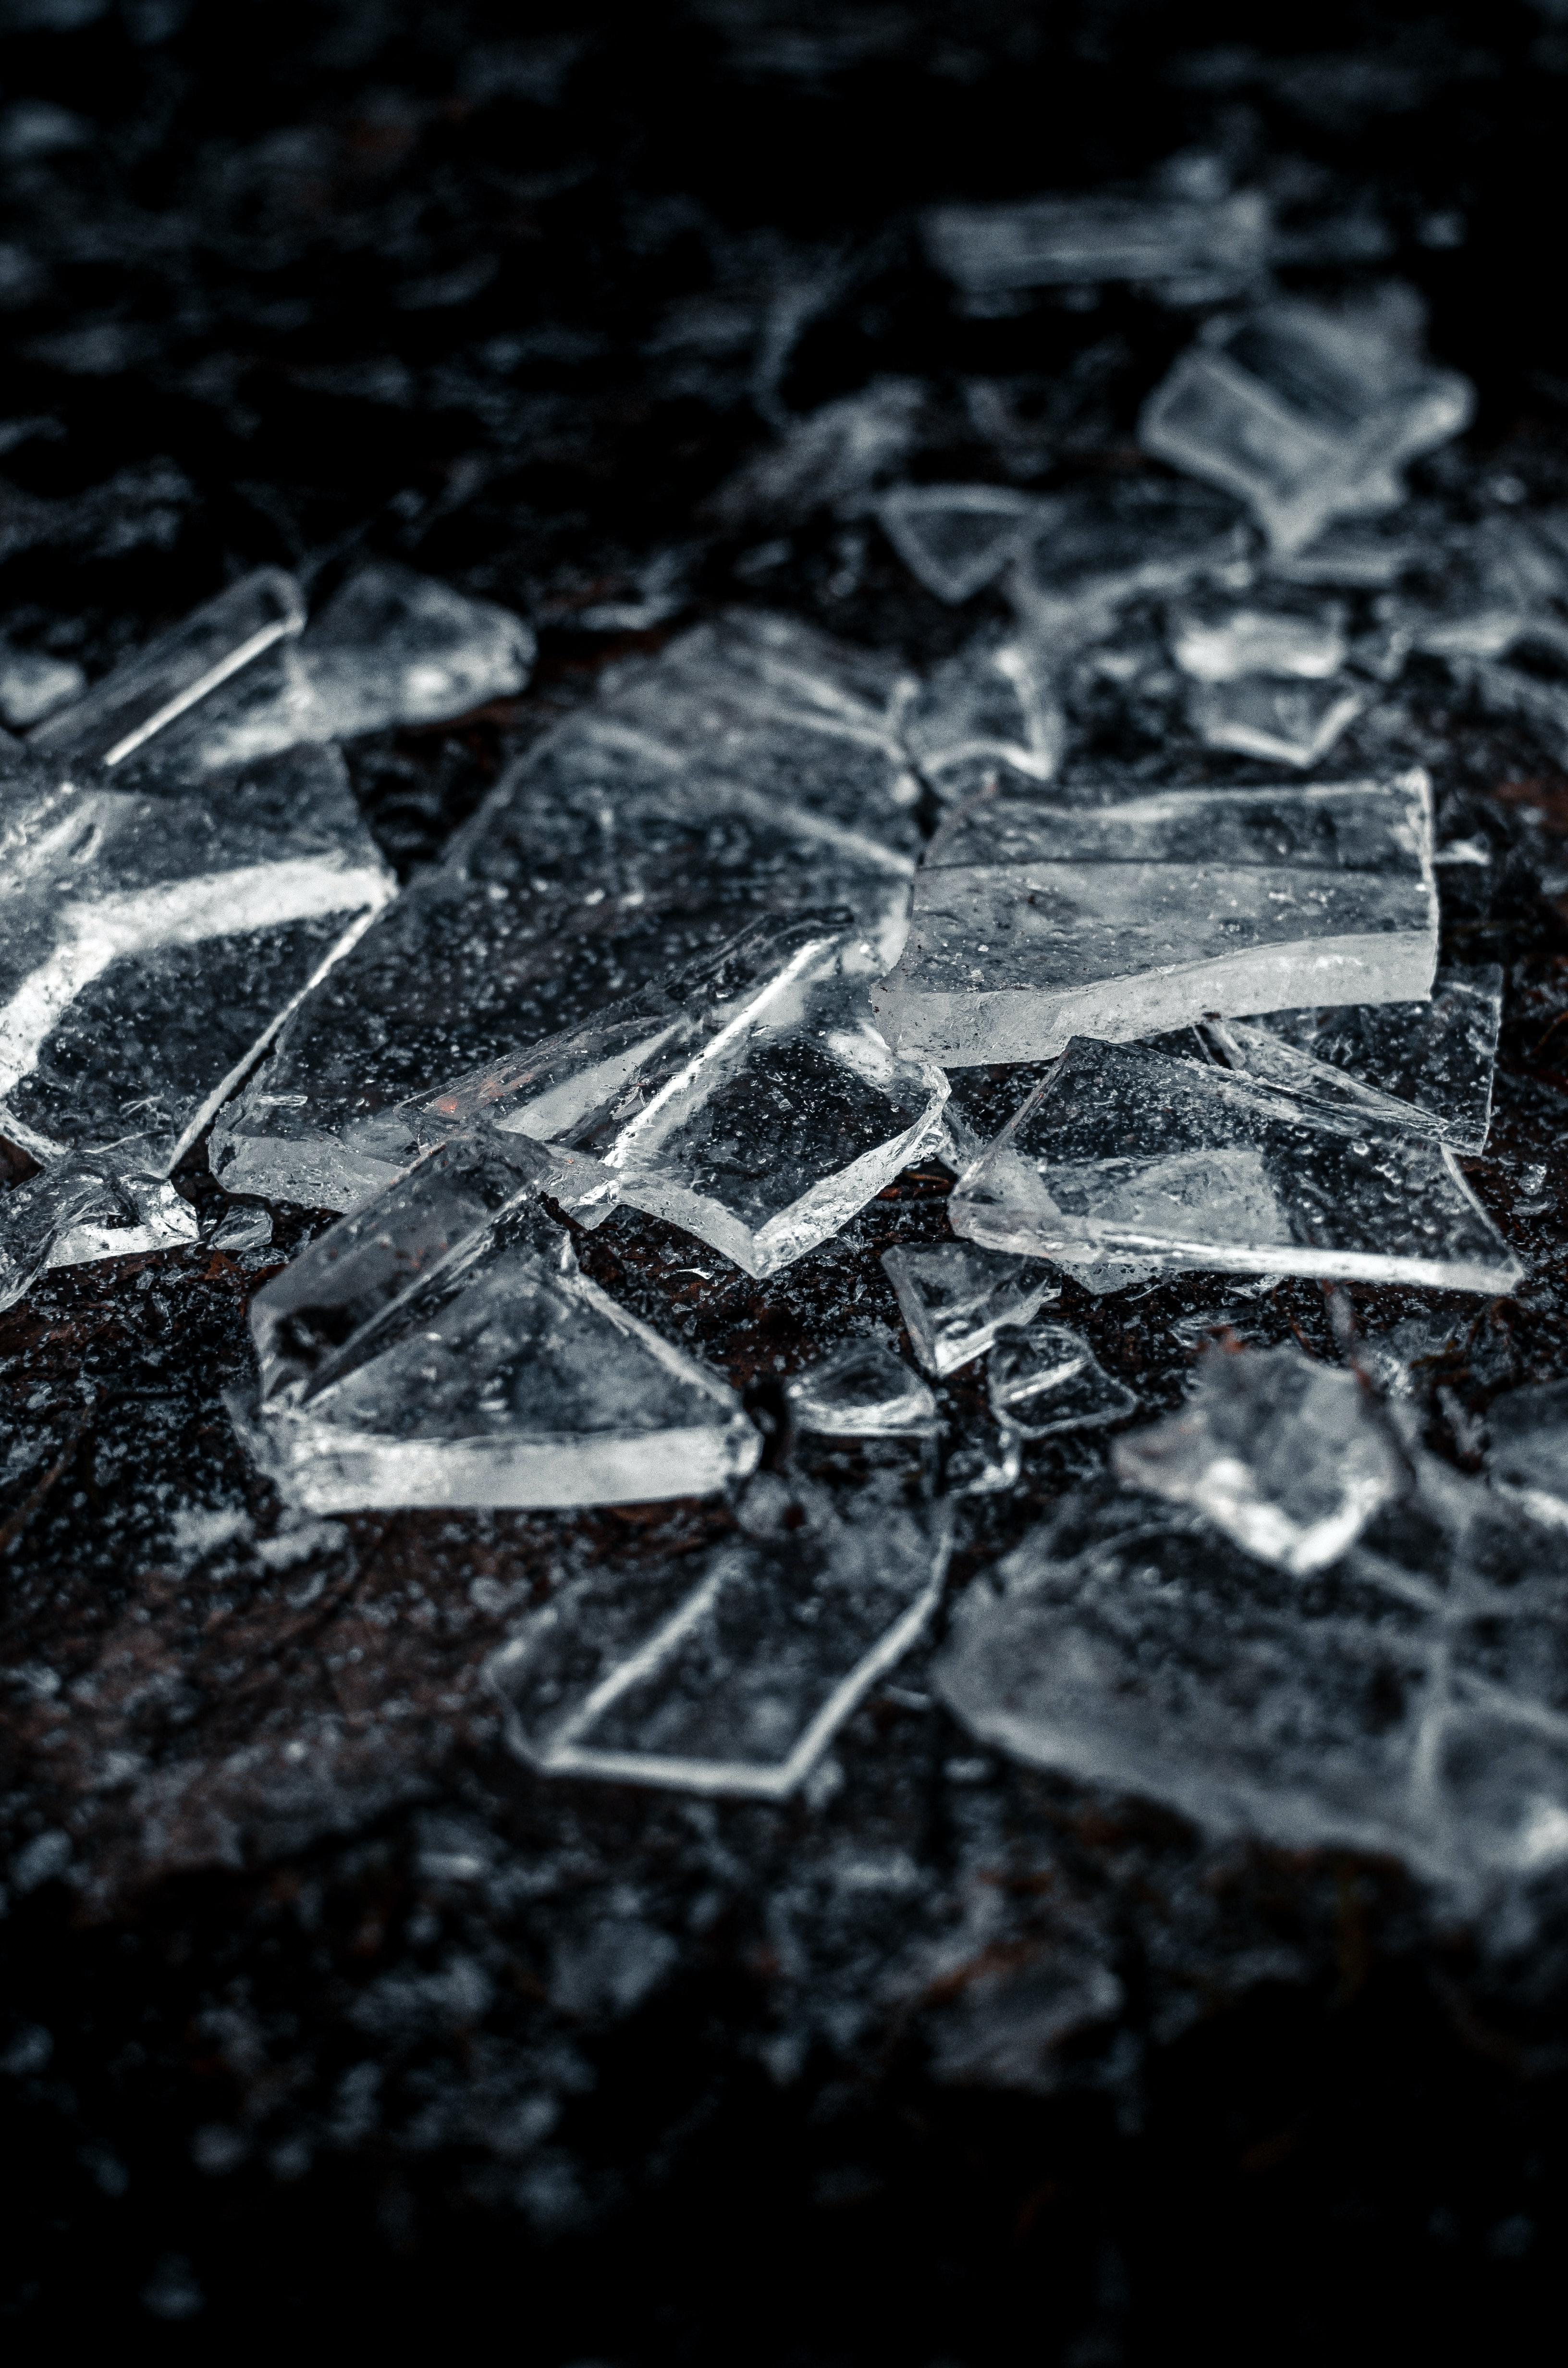 137609 Заставки и Обои Лед на телефон. Скачать Лед, Макро, Прозрачный, Осколки картинки бесплатно